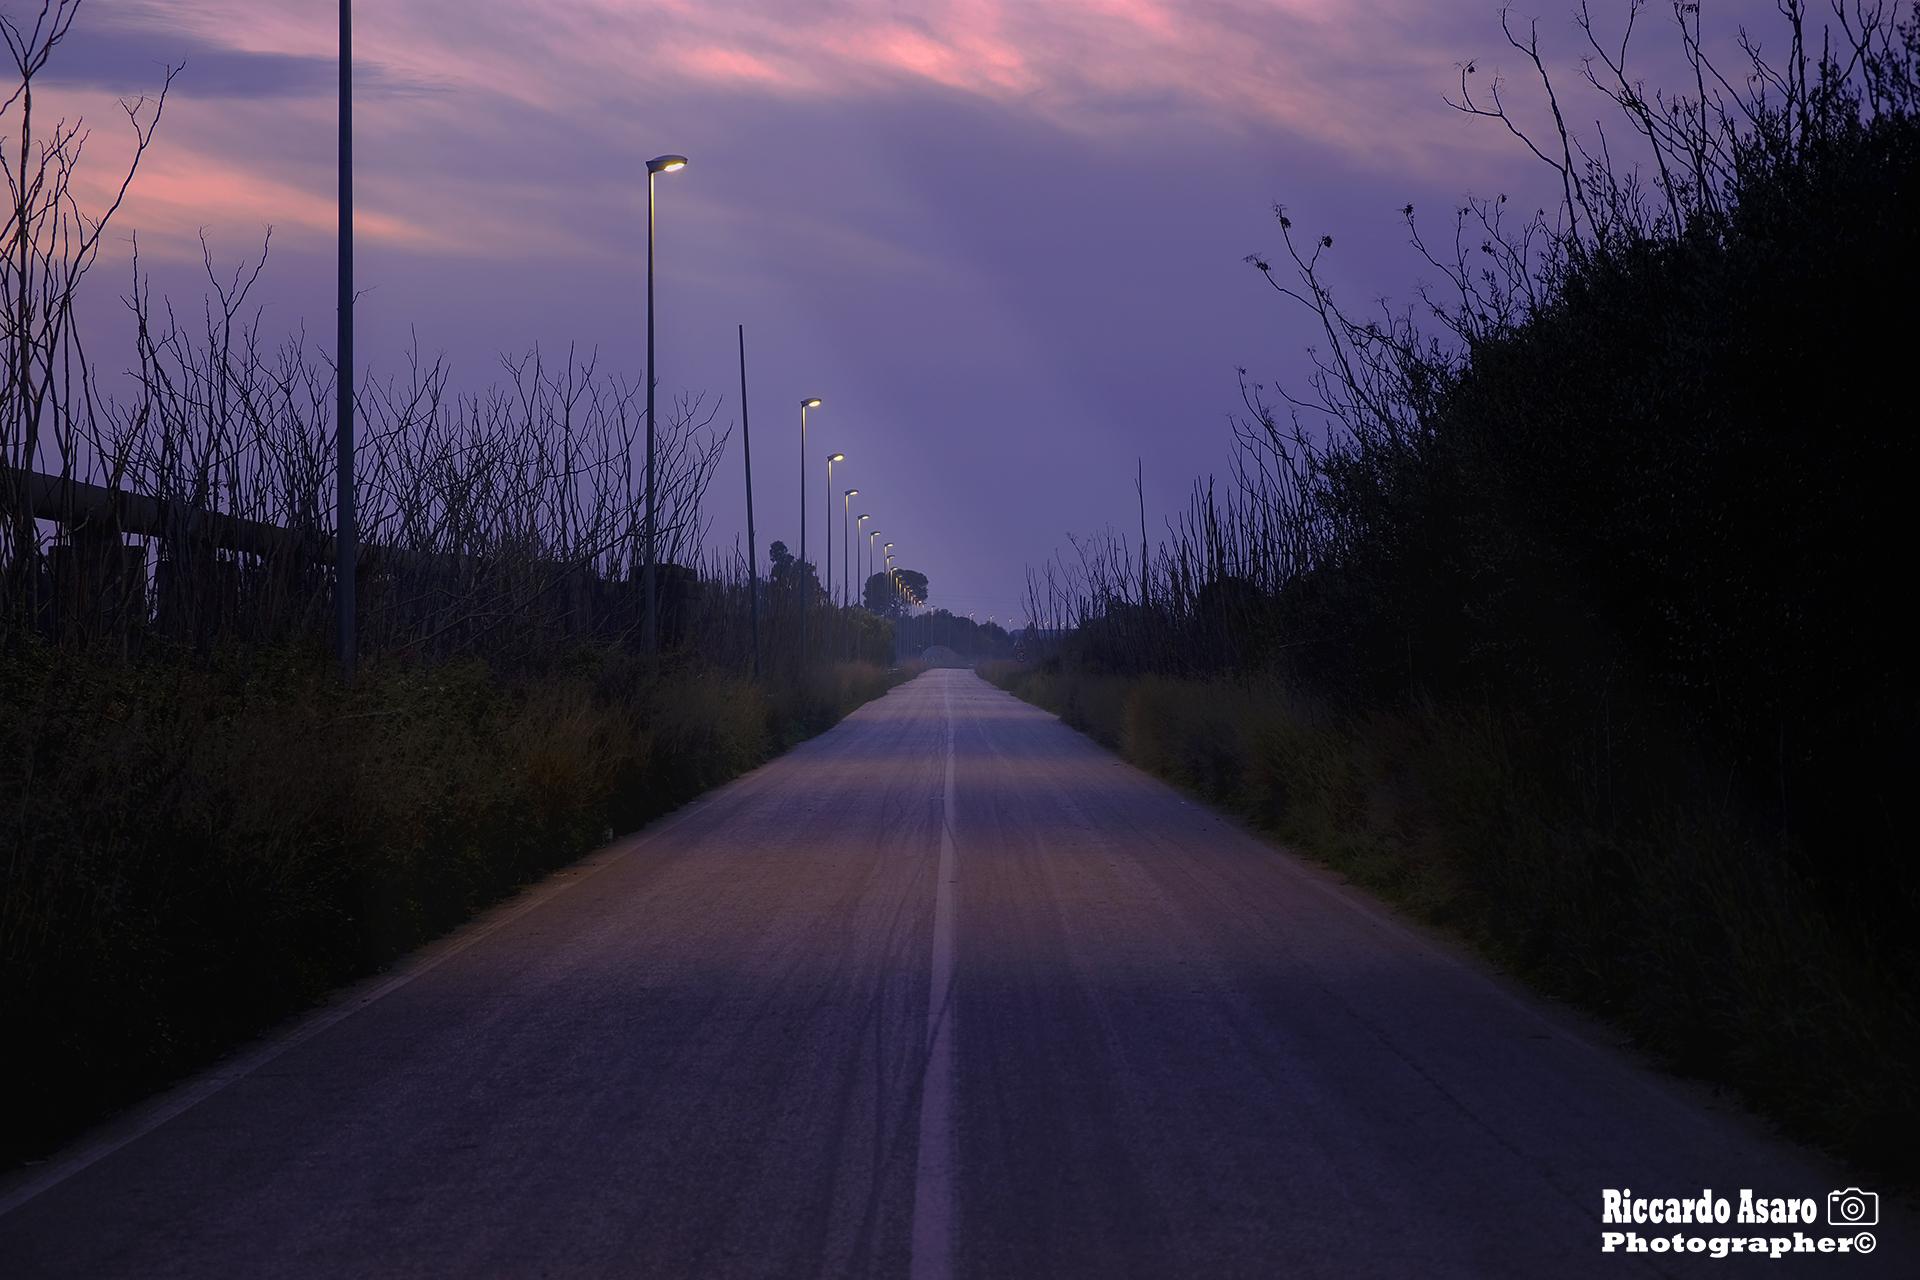 Illuminated streets...